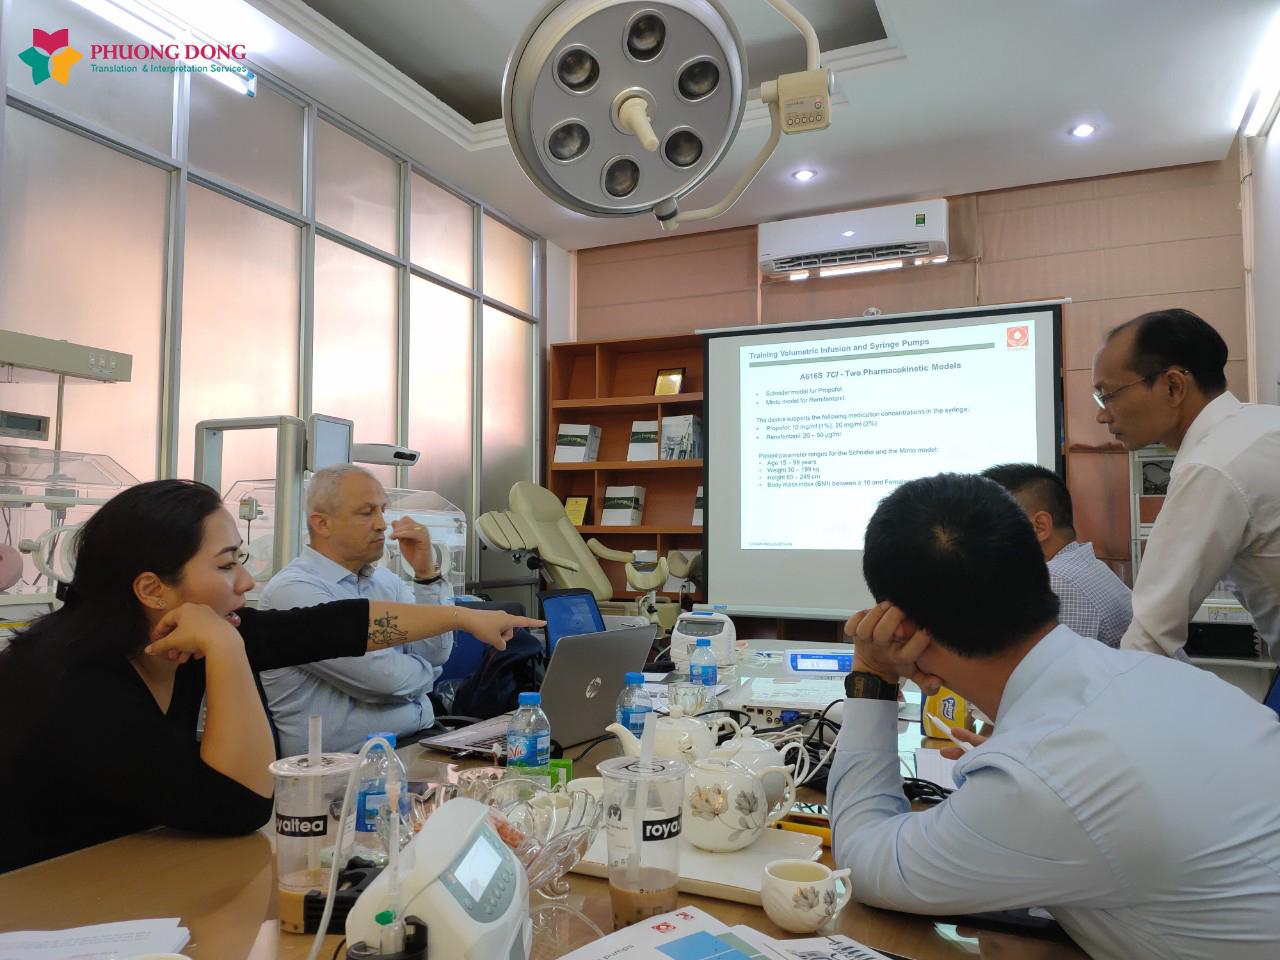 Phiên dịch tiếng Anh chuyên ngành thiết bị y tế cho công ty cổ phần Thiết bị Y tế Trường Sơn